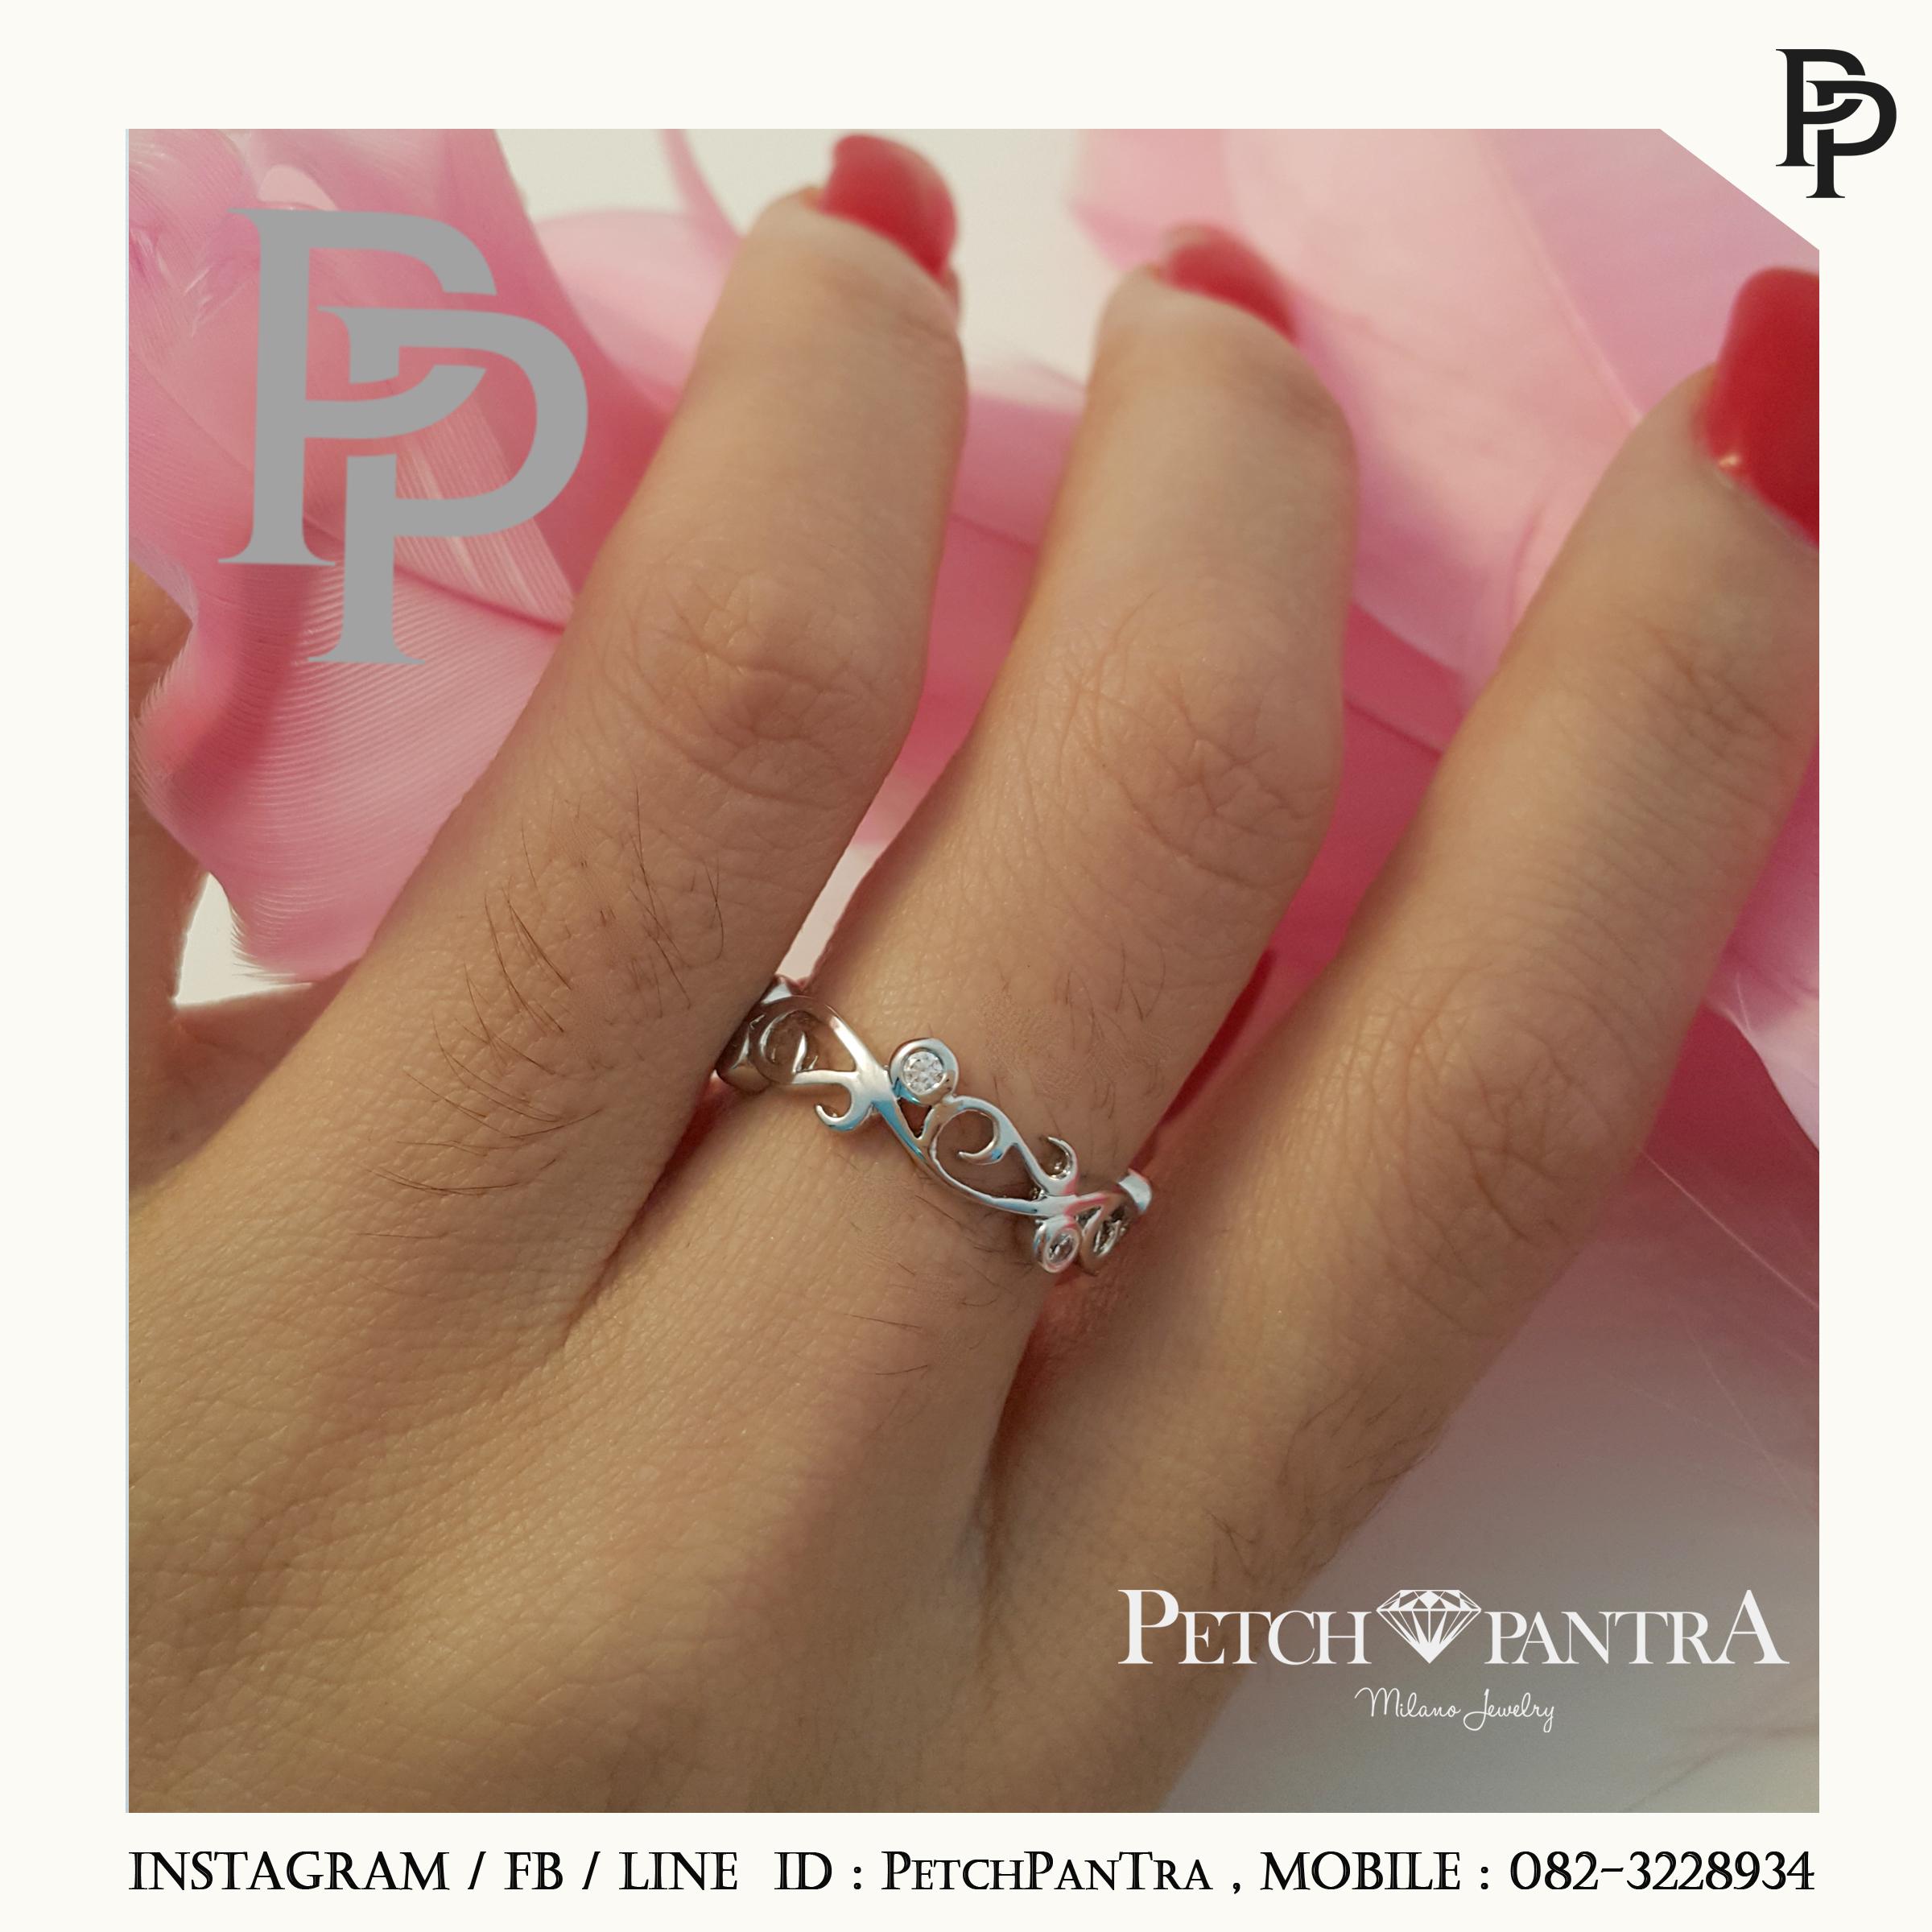 แหวนเพชรCZ แหวนเพชรรัสเซีย แหวนเถาวัลย์ส่งเสริมเรื่องความรัก